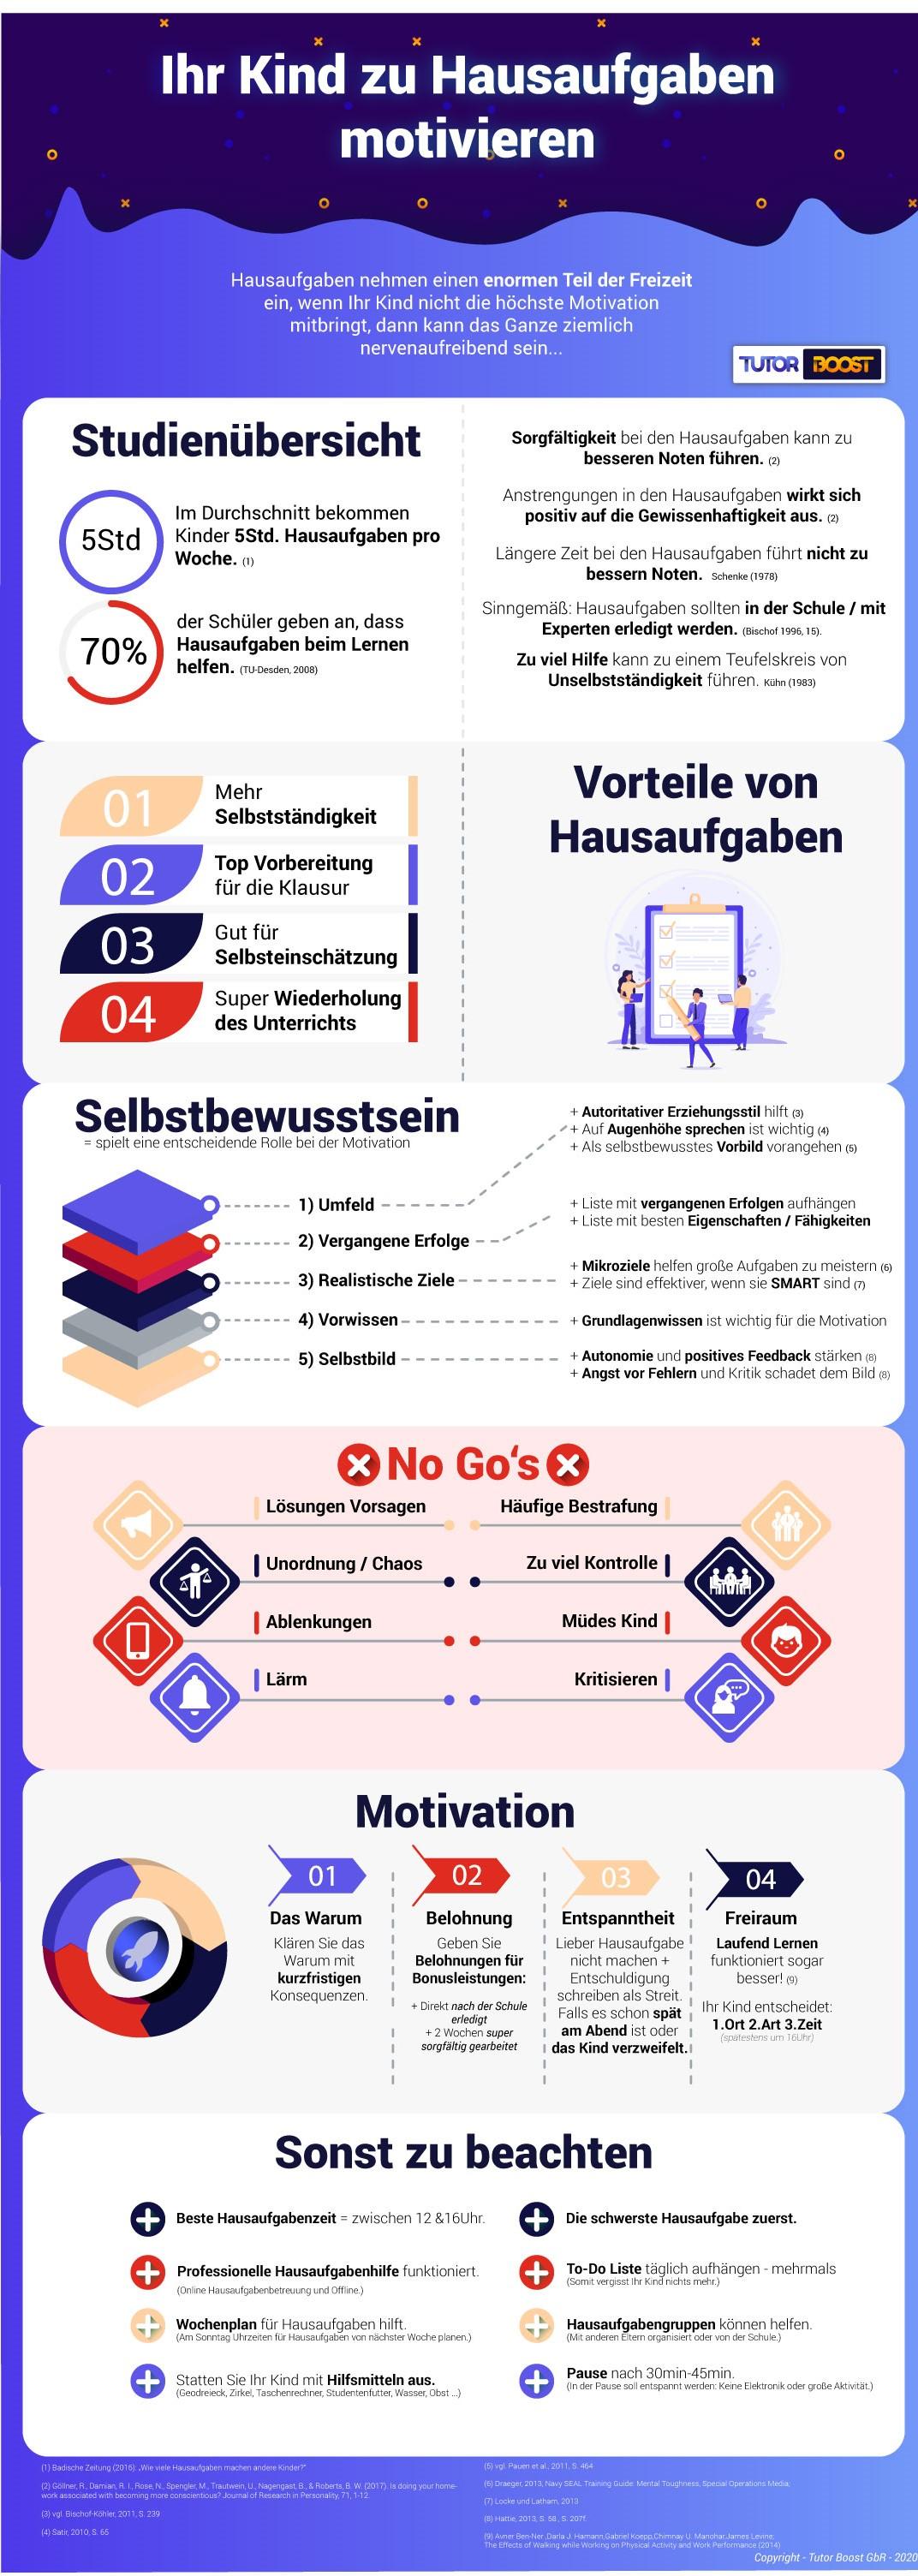 Infographic Hausaufgaben Motivieren